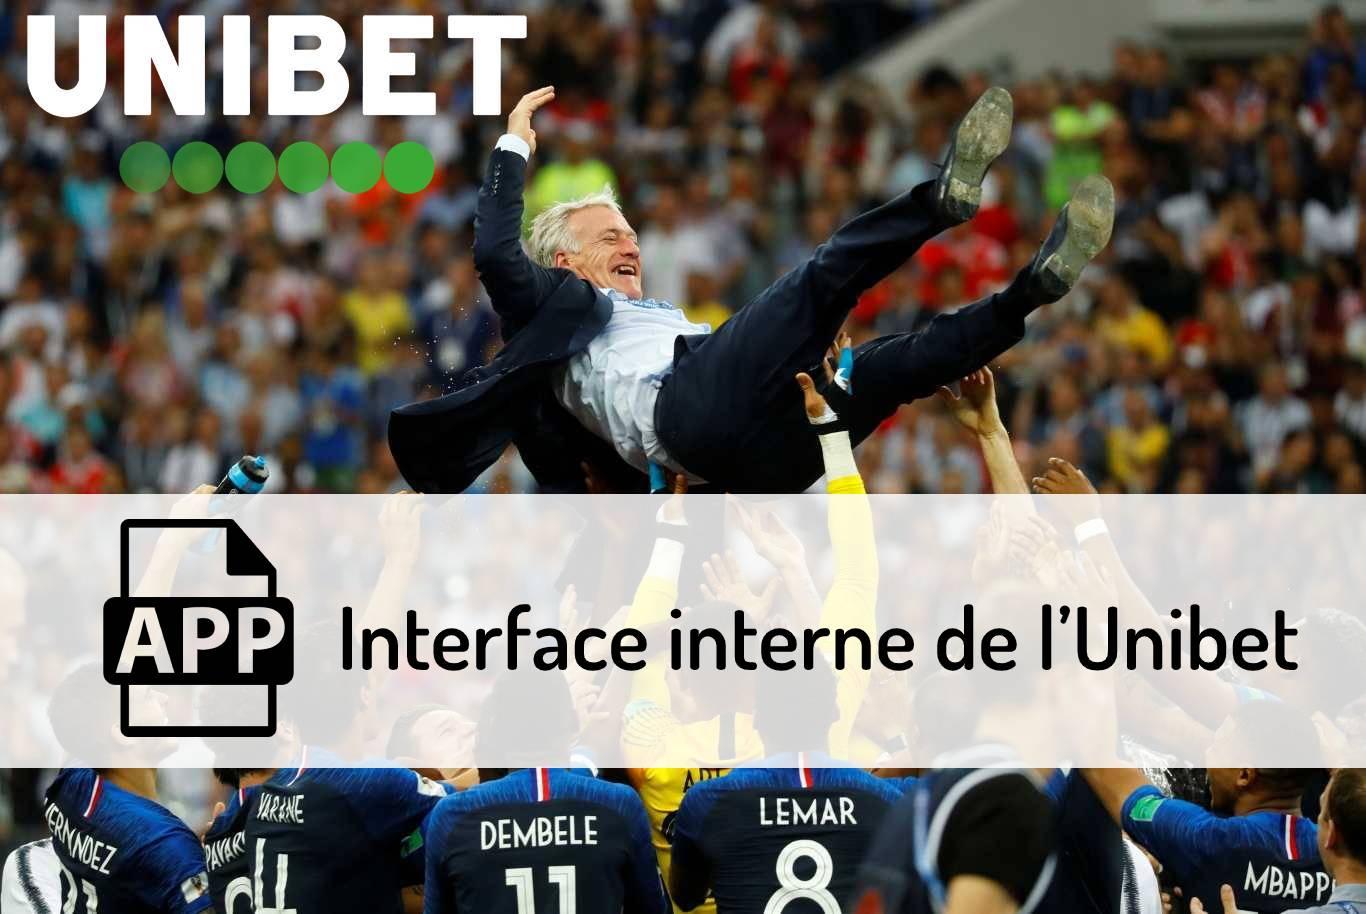 Interface interne de l'Unibet